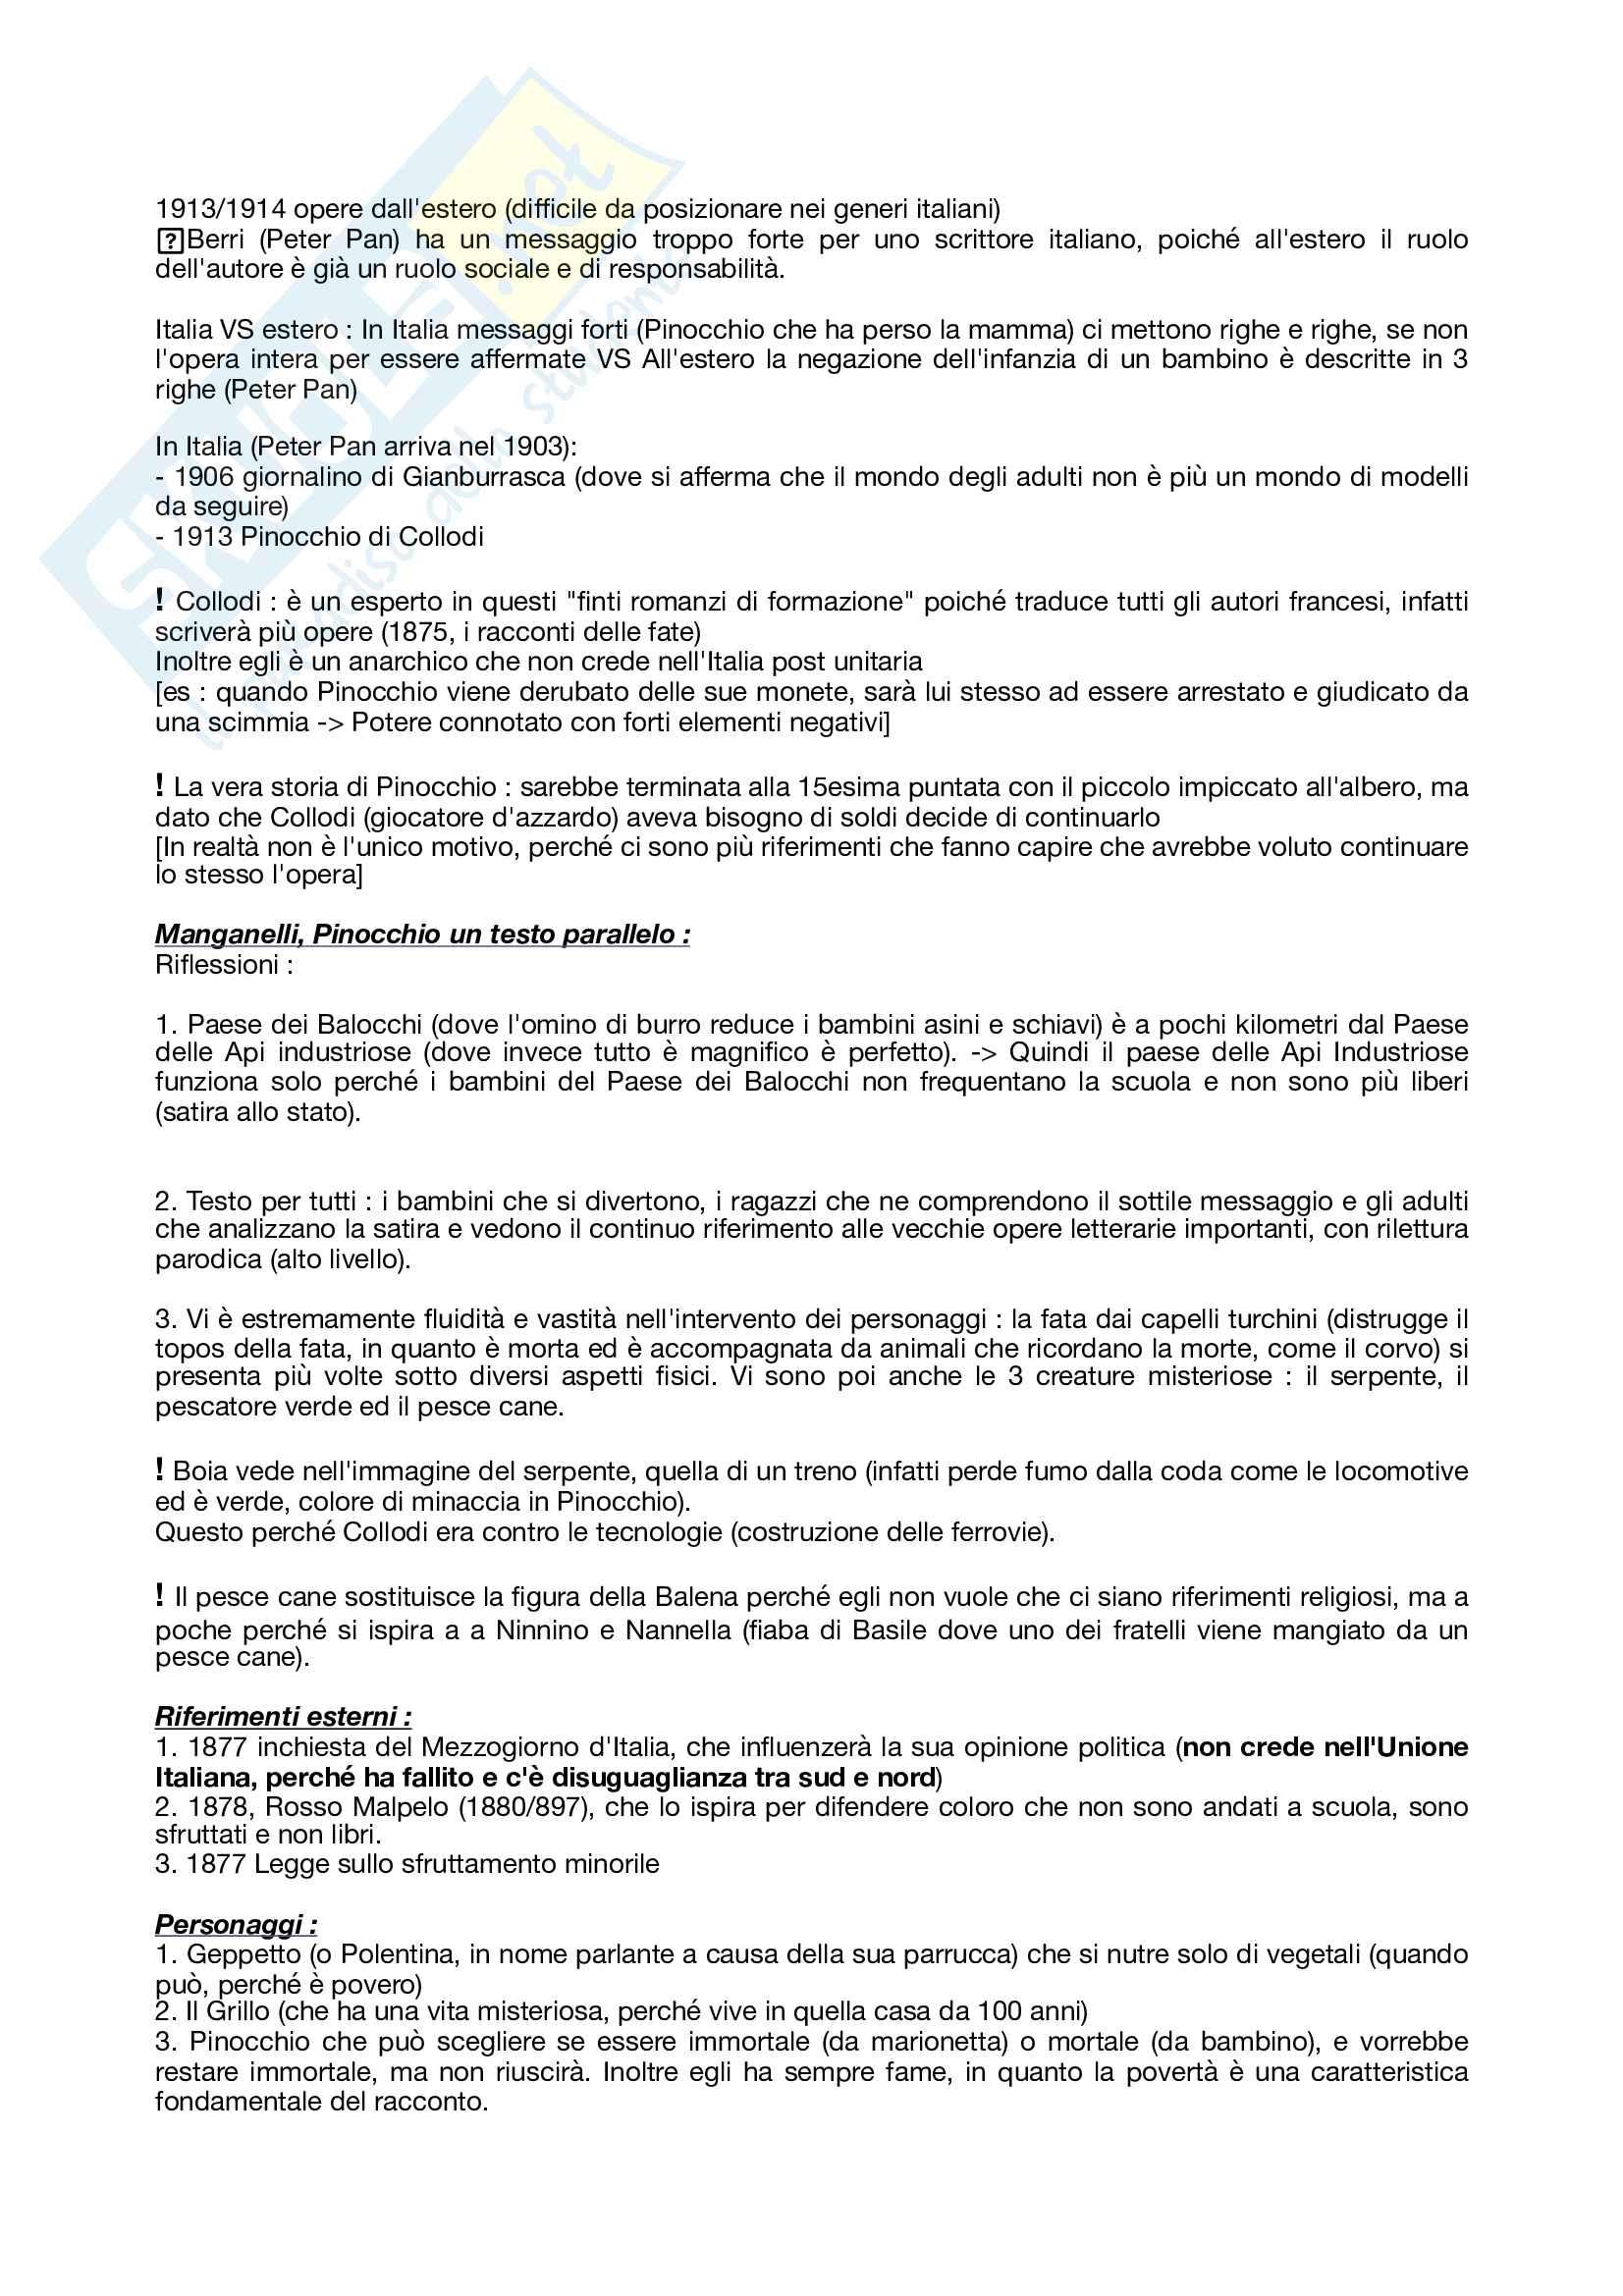 Appunti Letteratura per ragazzi (versione più dettagliata) Pag. 26